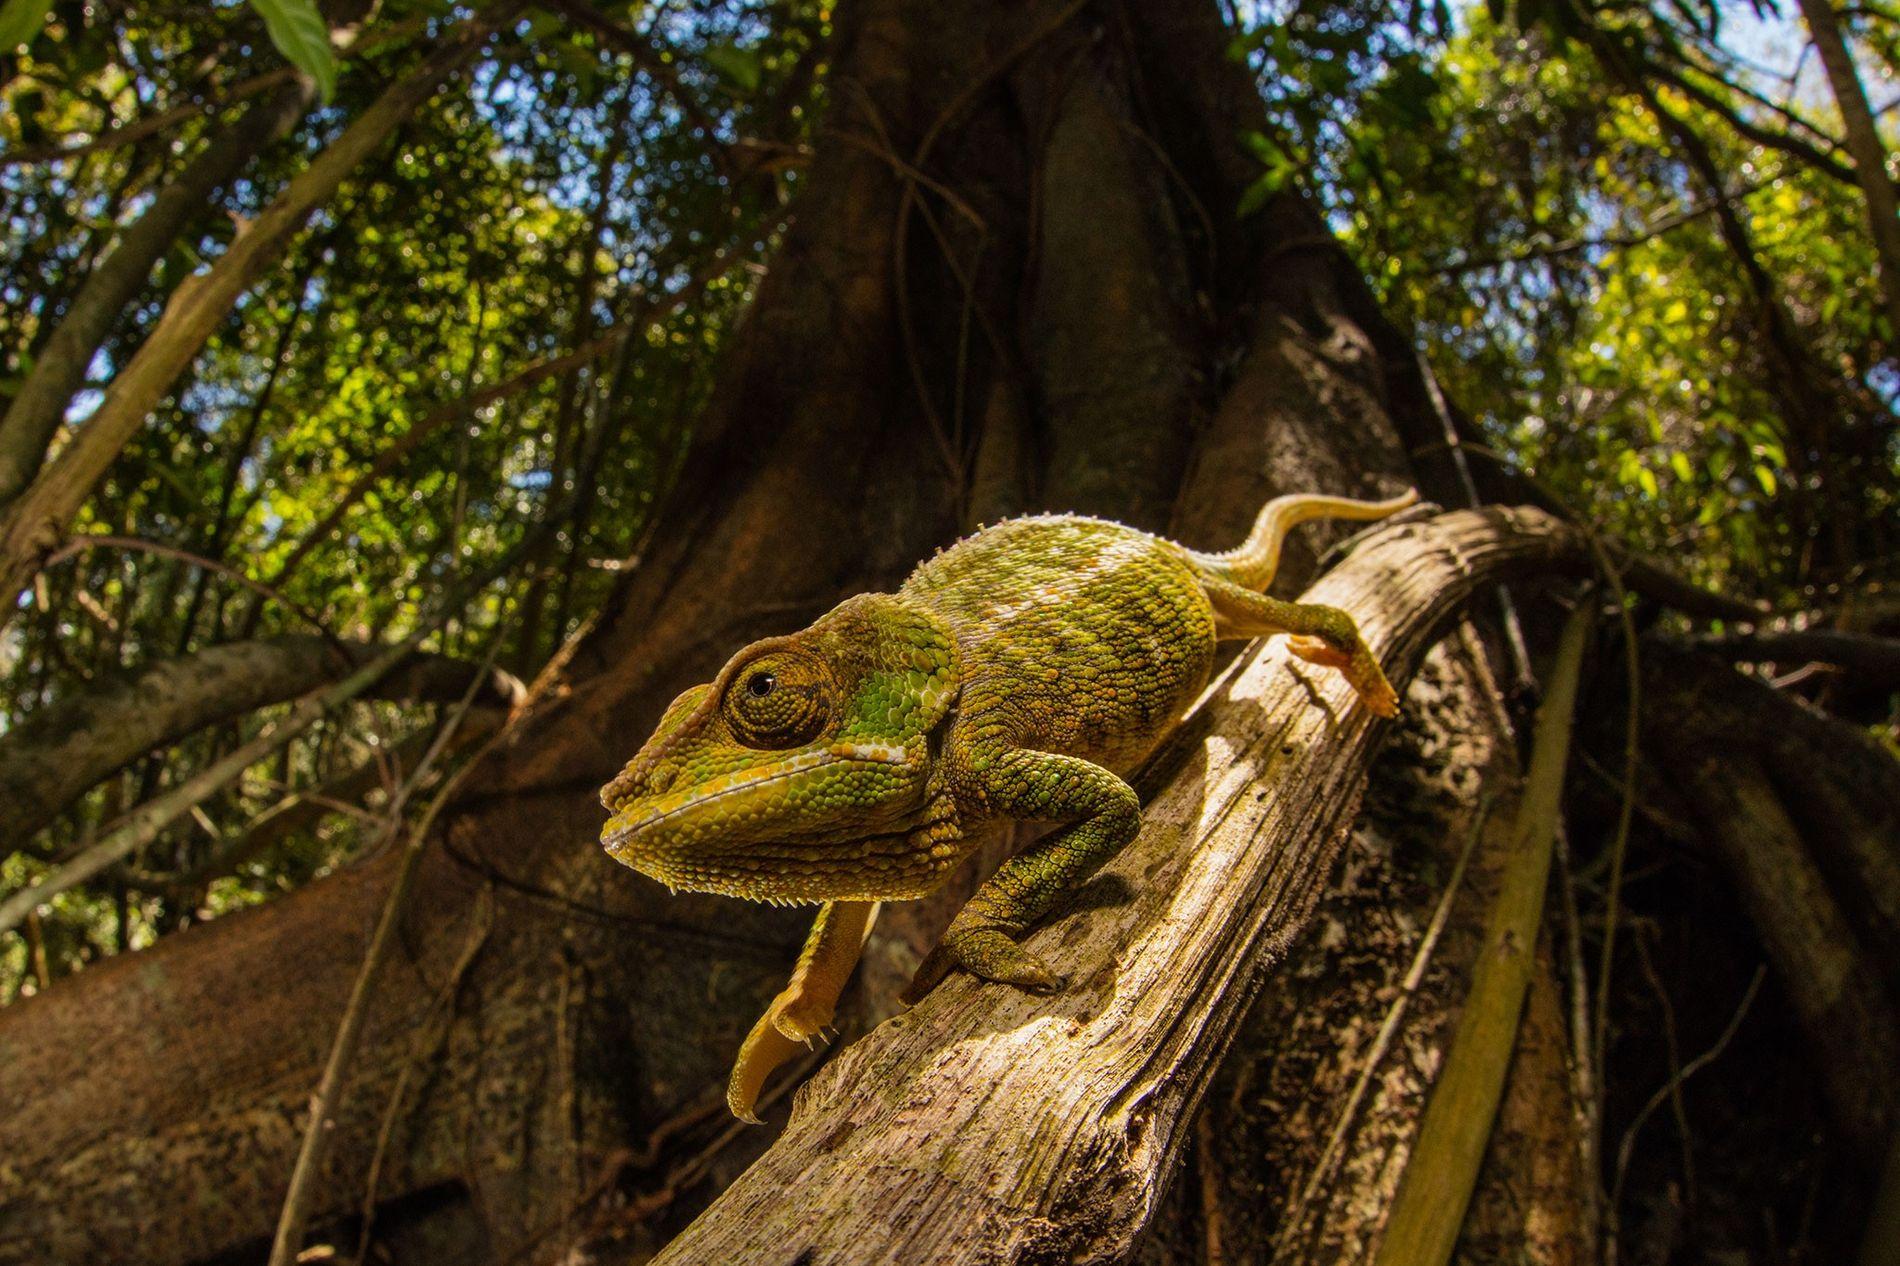 Los camaleones pueden cambiar el color de piel según su entorno. Una nueva piel «inteligente» diseñada para usar los mismos principios que los tejidos de los camaleones puede cambiar de tono en función de la luz.